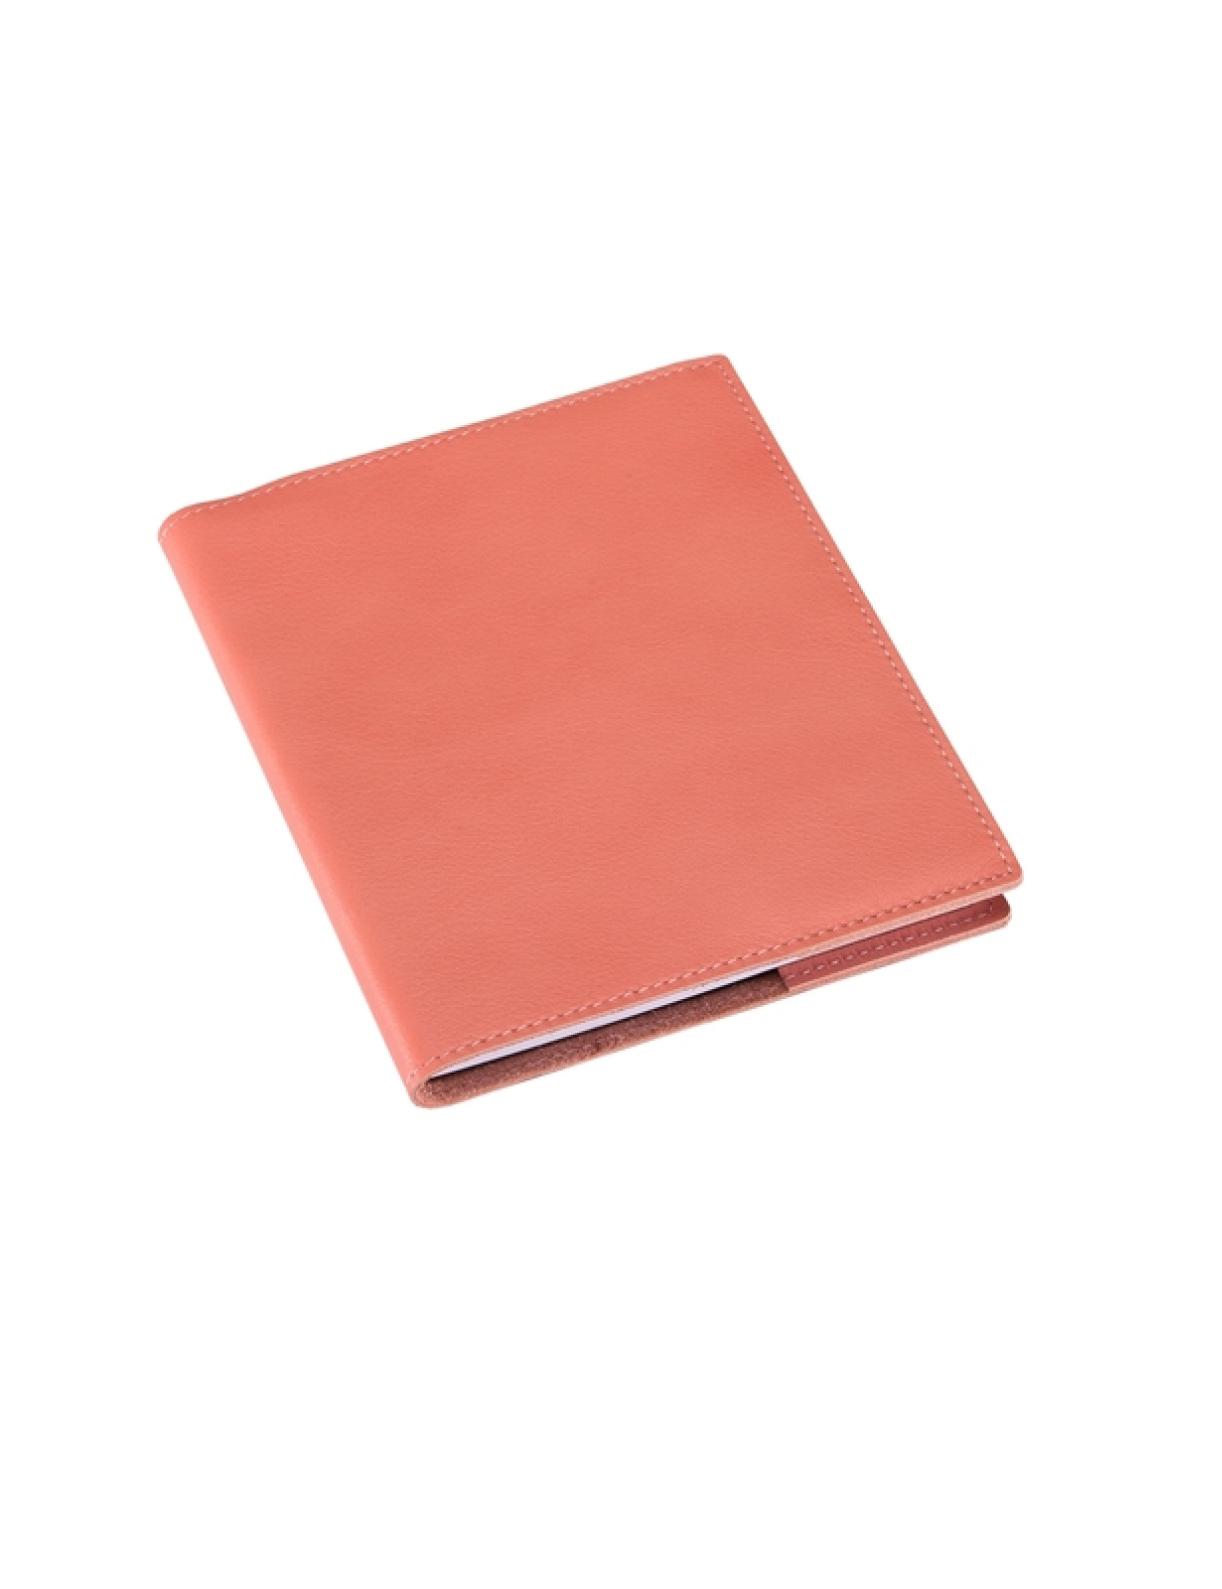 Cahier en cuir